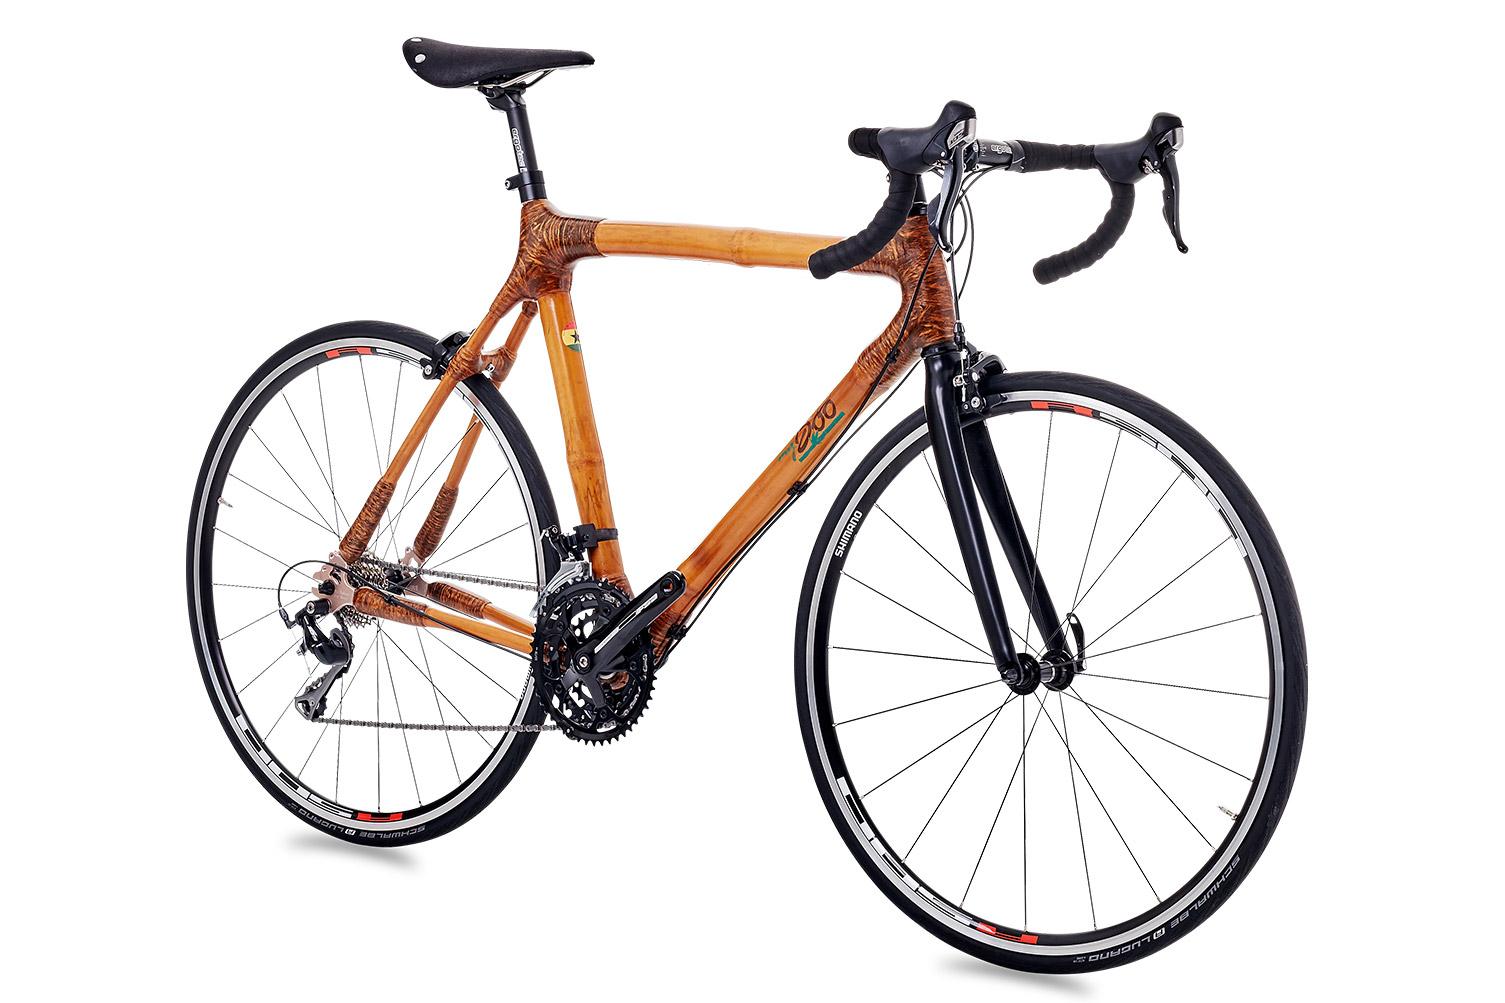 Fahrradrahmen - eine Materialfrage | Die Qual der Materialwahl